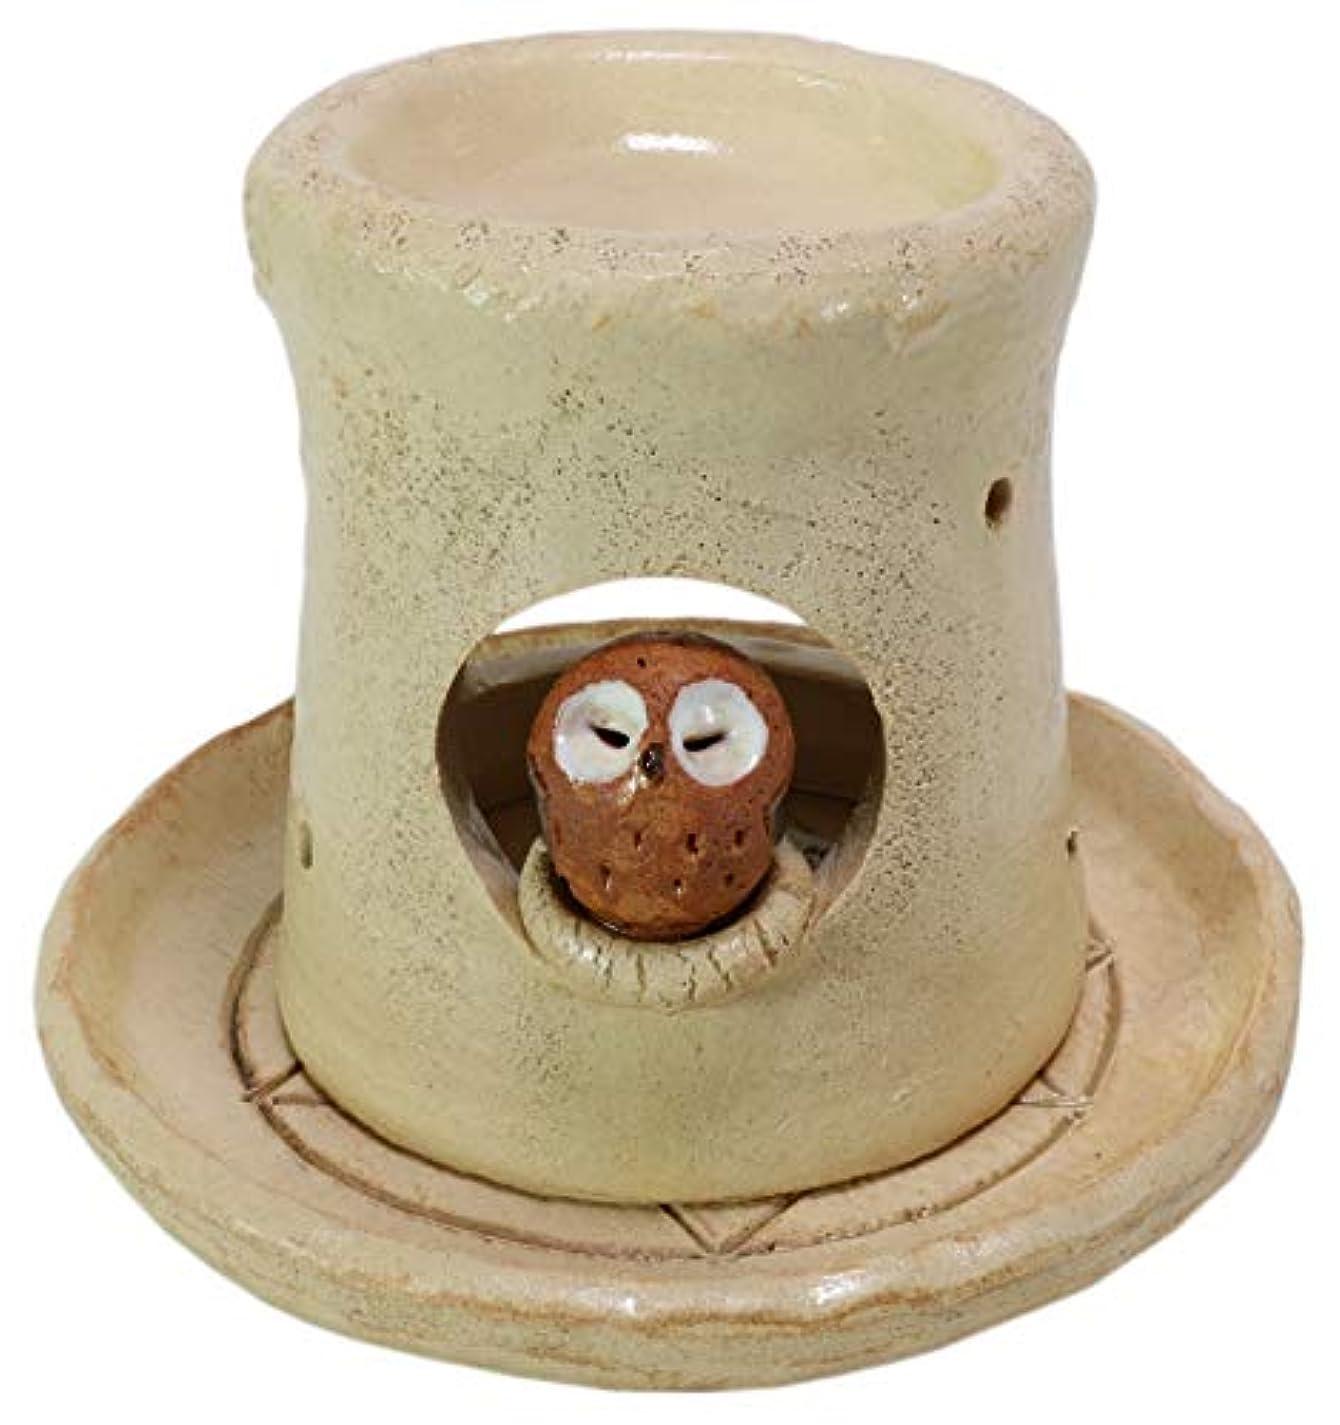 スキルラインナップ掻く香炉 フクロウ 茶香炉 [H14cm] HANDMADE プレゼント ギフト 和食器 かわいい インテリア